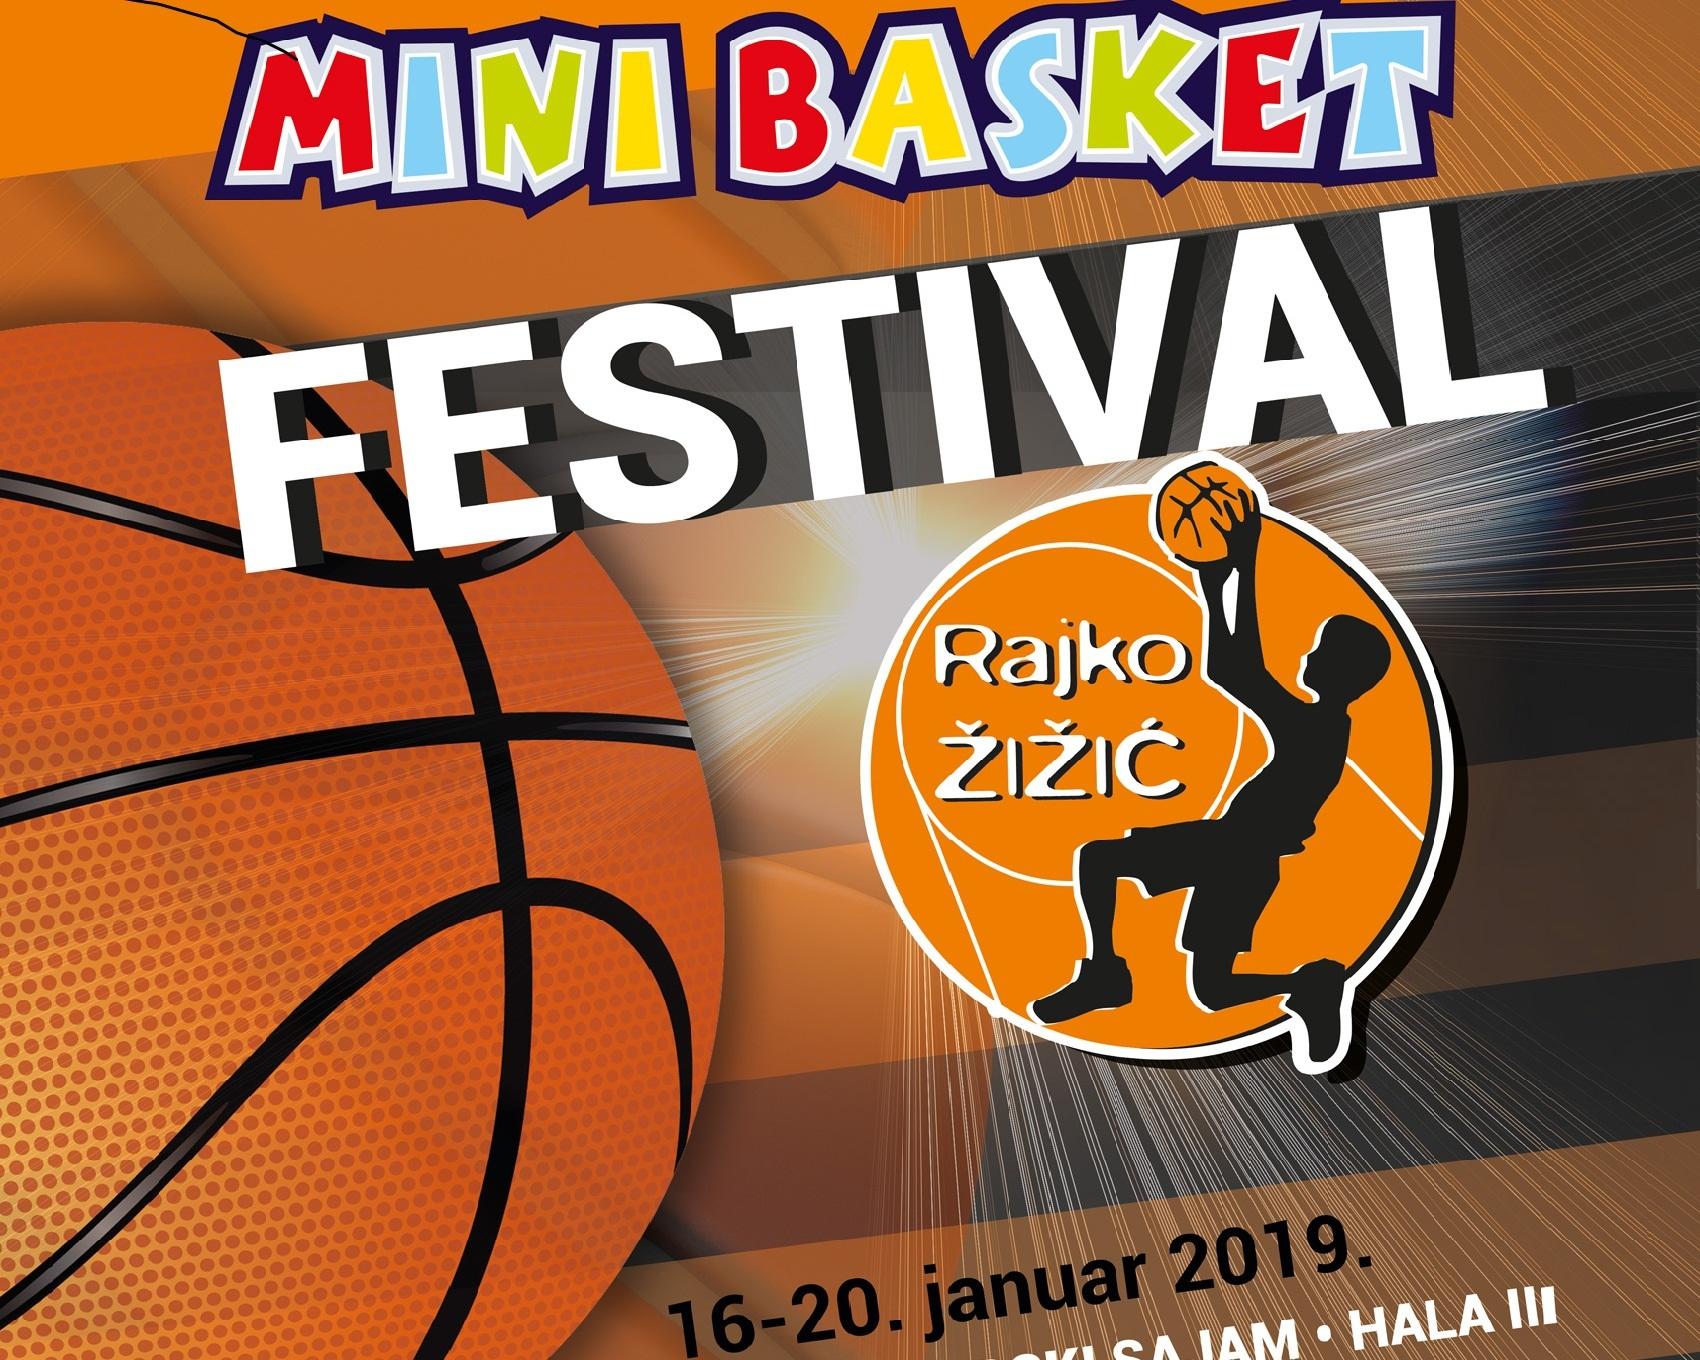 До уваги тренерів. Міжнародний фестиваль з міні-баскету